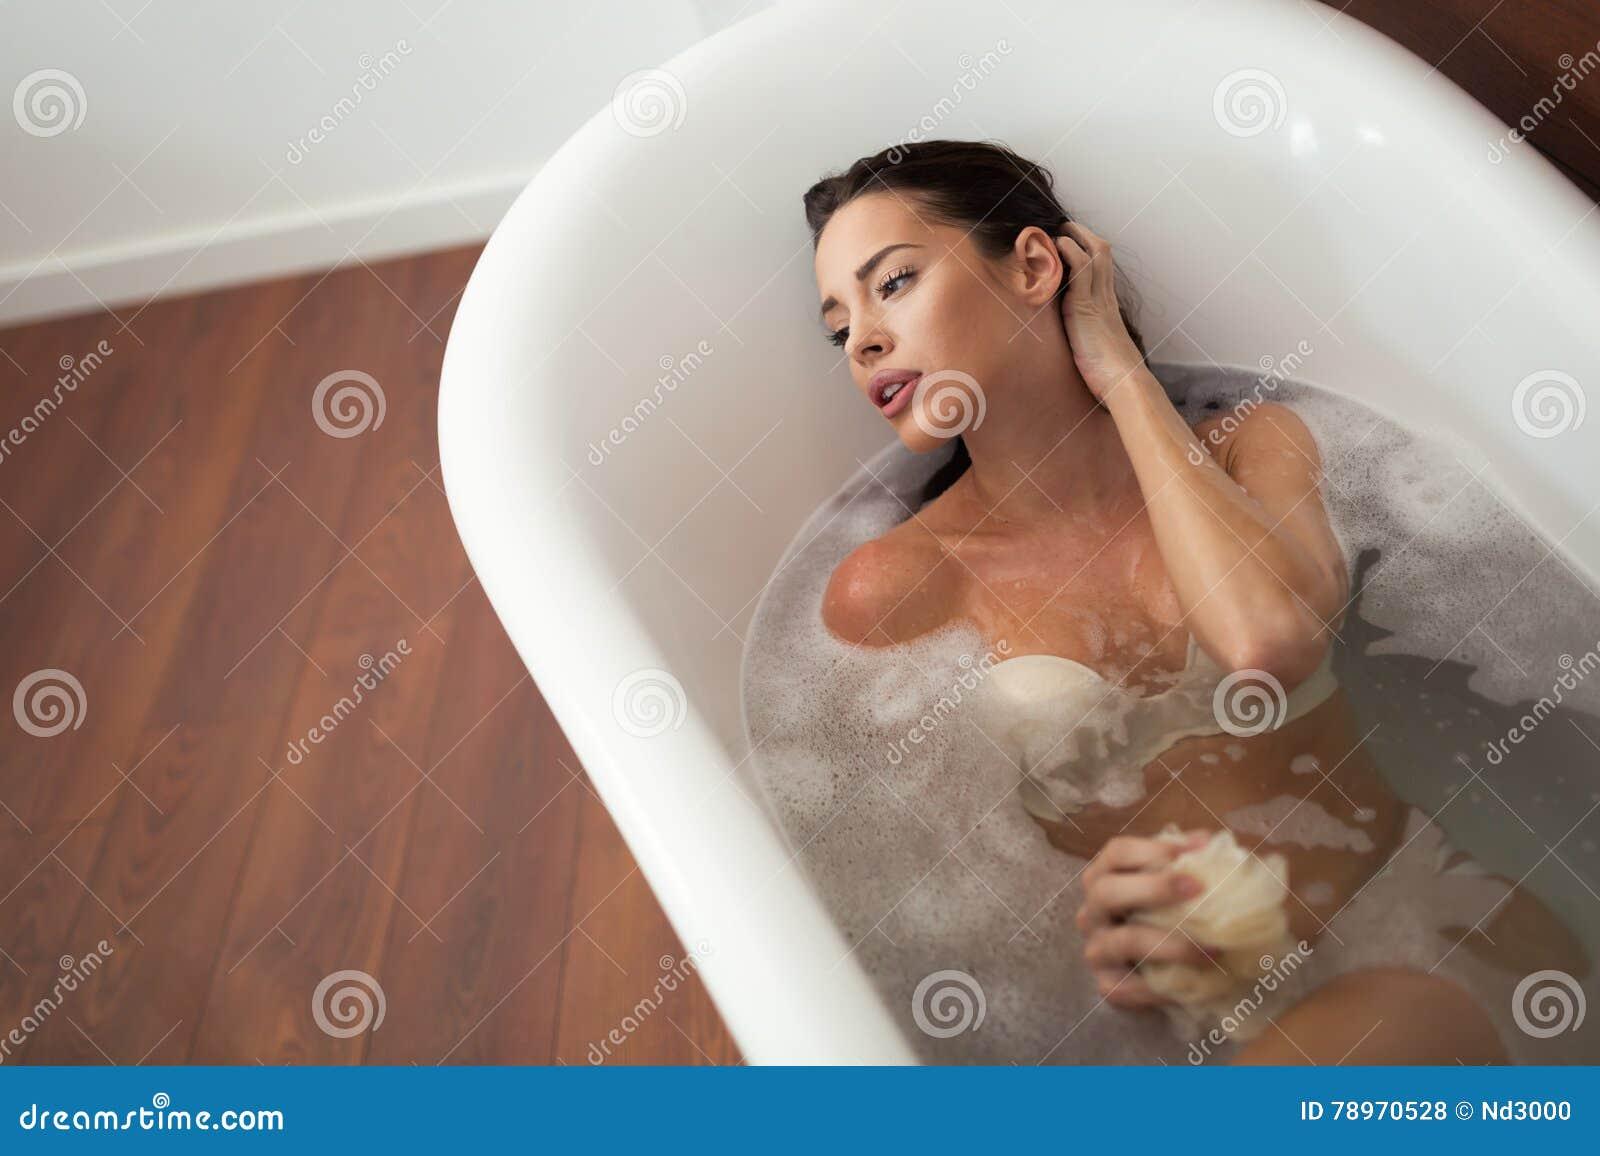 remise spéciale nouvelle arrivee commercialisable Belle Femme Ayant Un Bain Moussant Photo stock - Image du ...